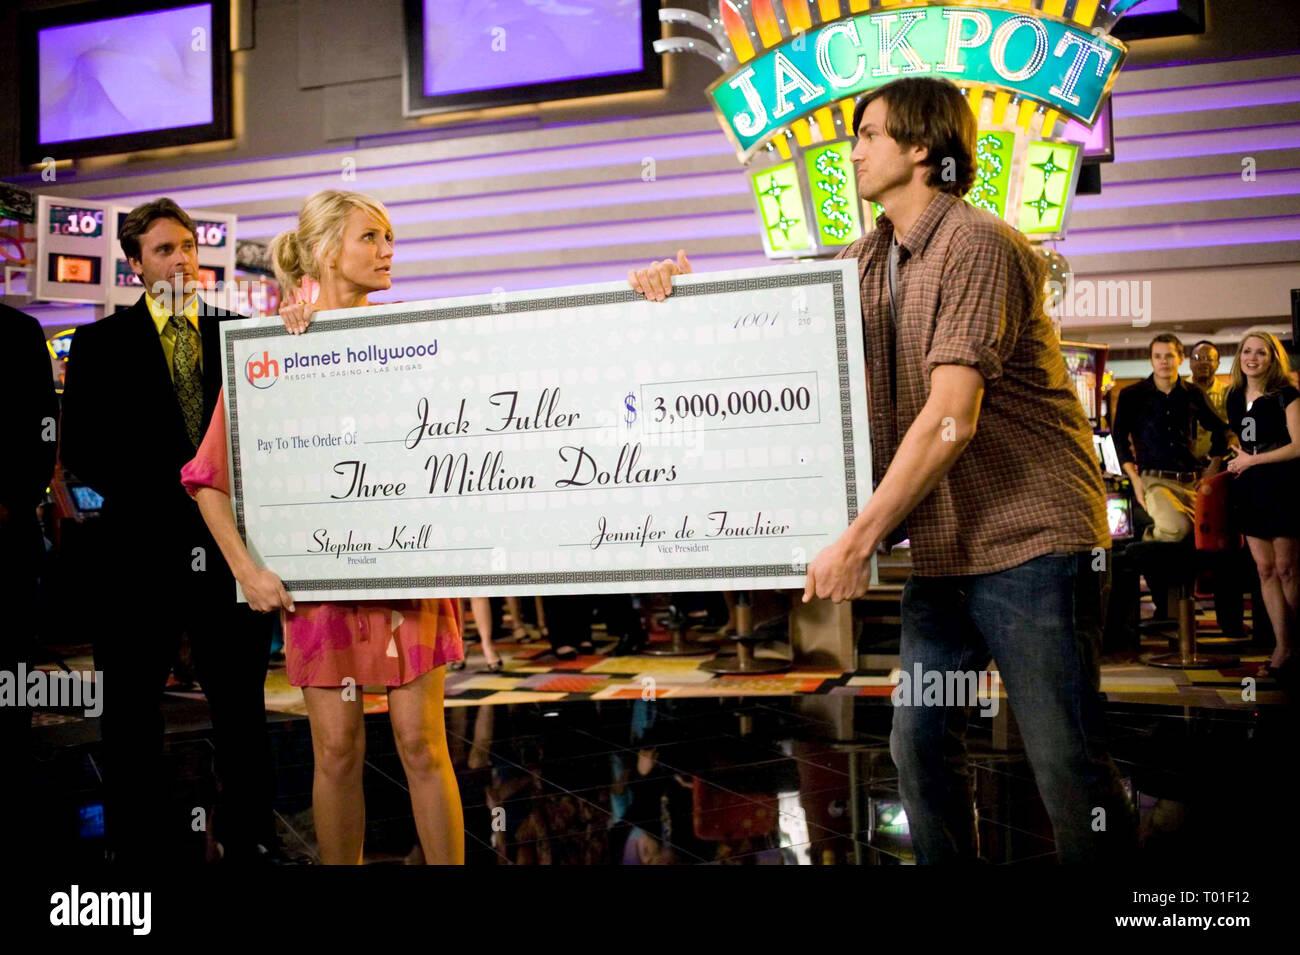 Cameron Diaz Ashton Kutcher What Happens In Vegas 2008 Stock Photo Alamy